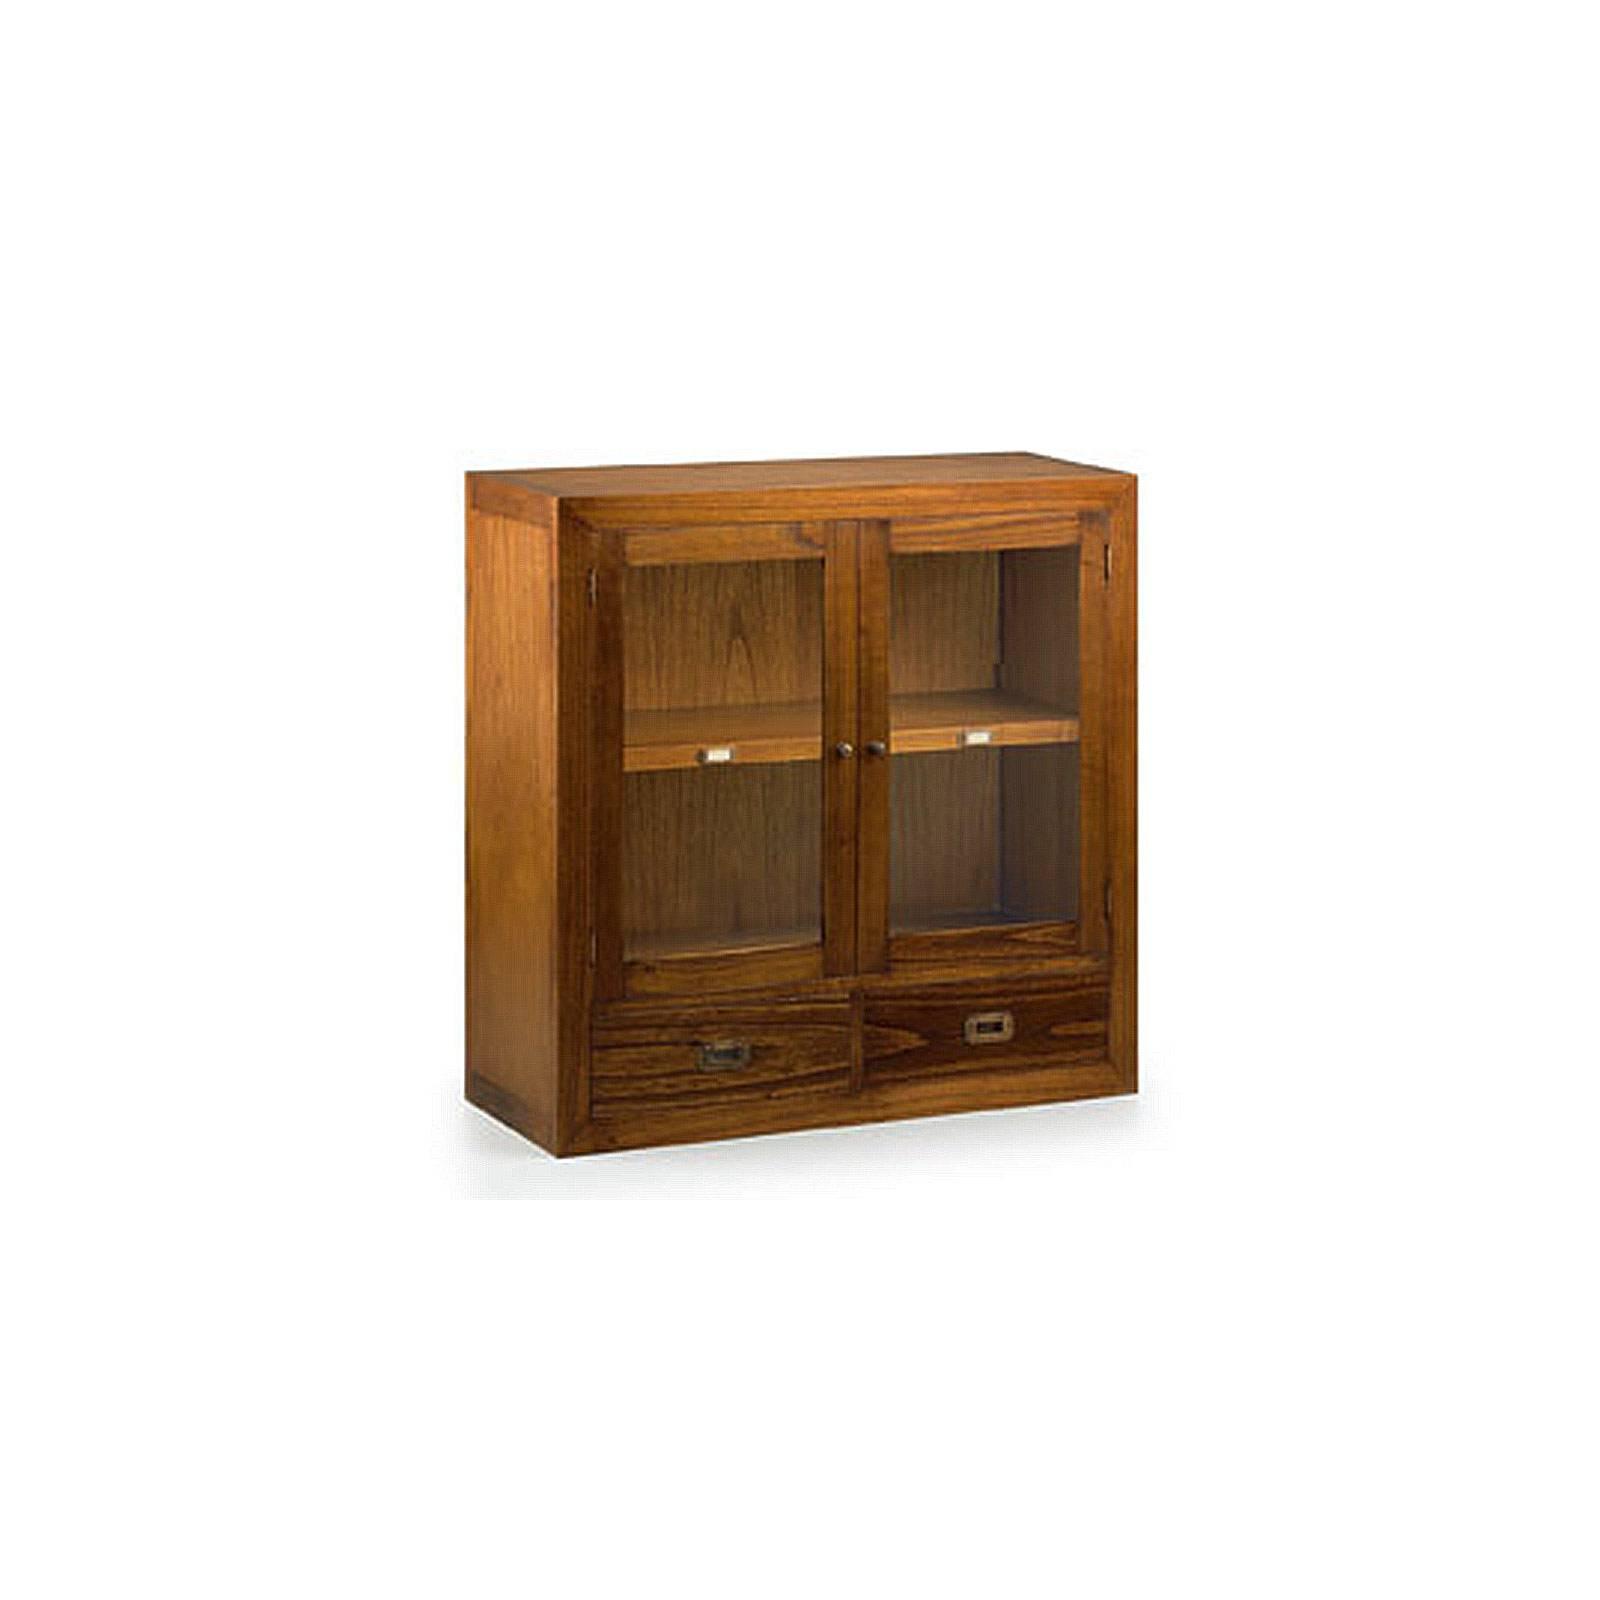 Élément Bibliothèque Vitré Tali Mindy - meuble bois exotique